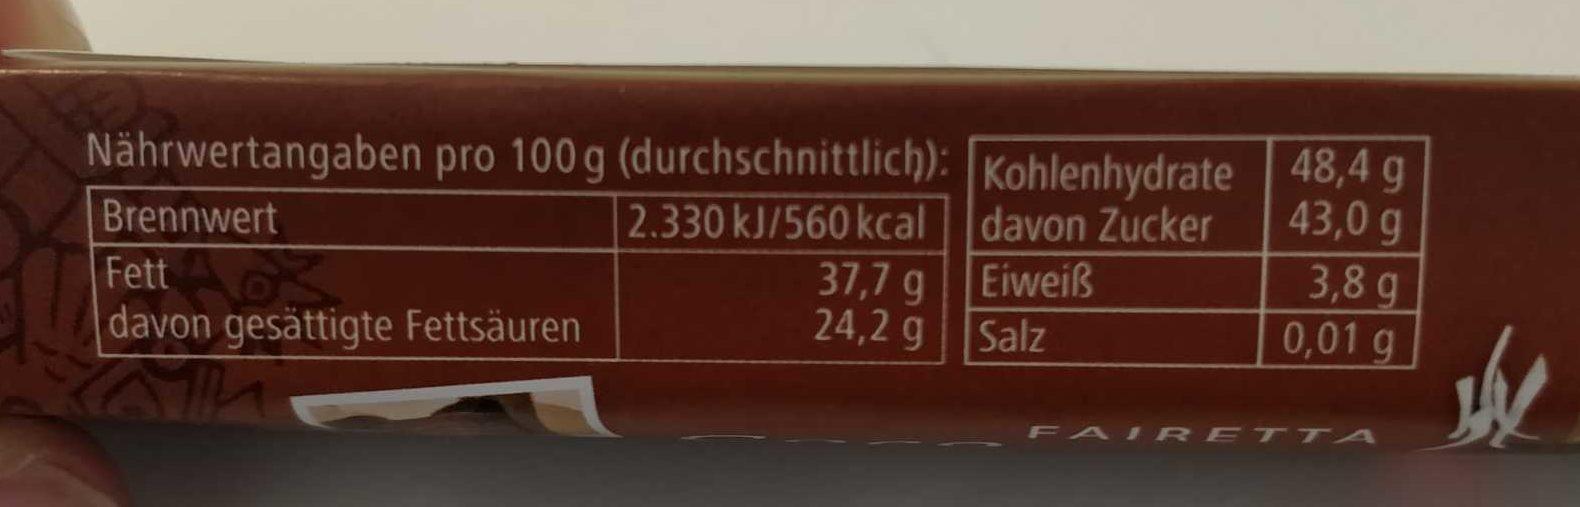 Fairetta Coco & Rice - Nährwertangaben